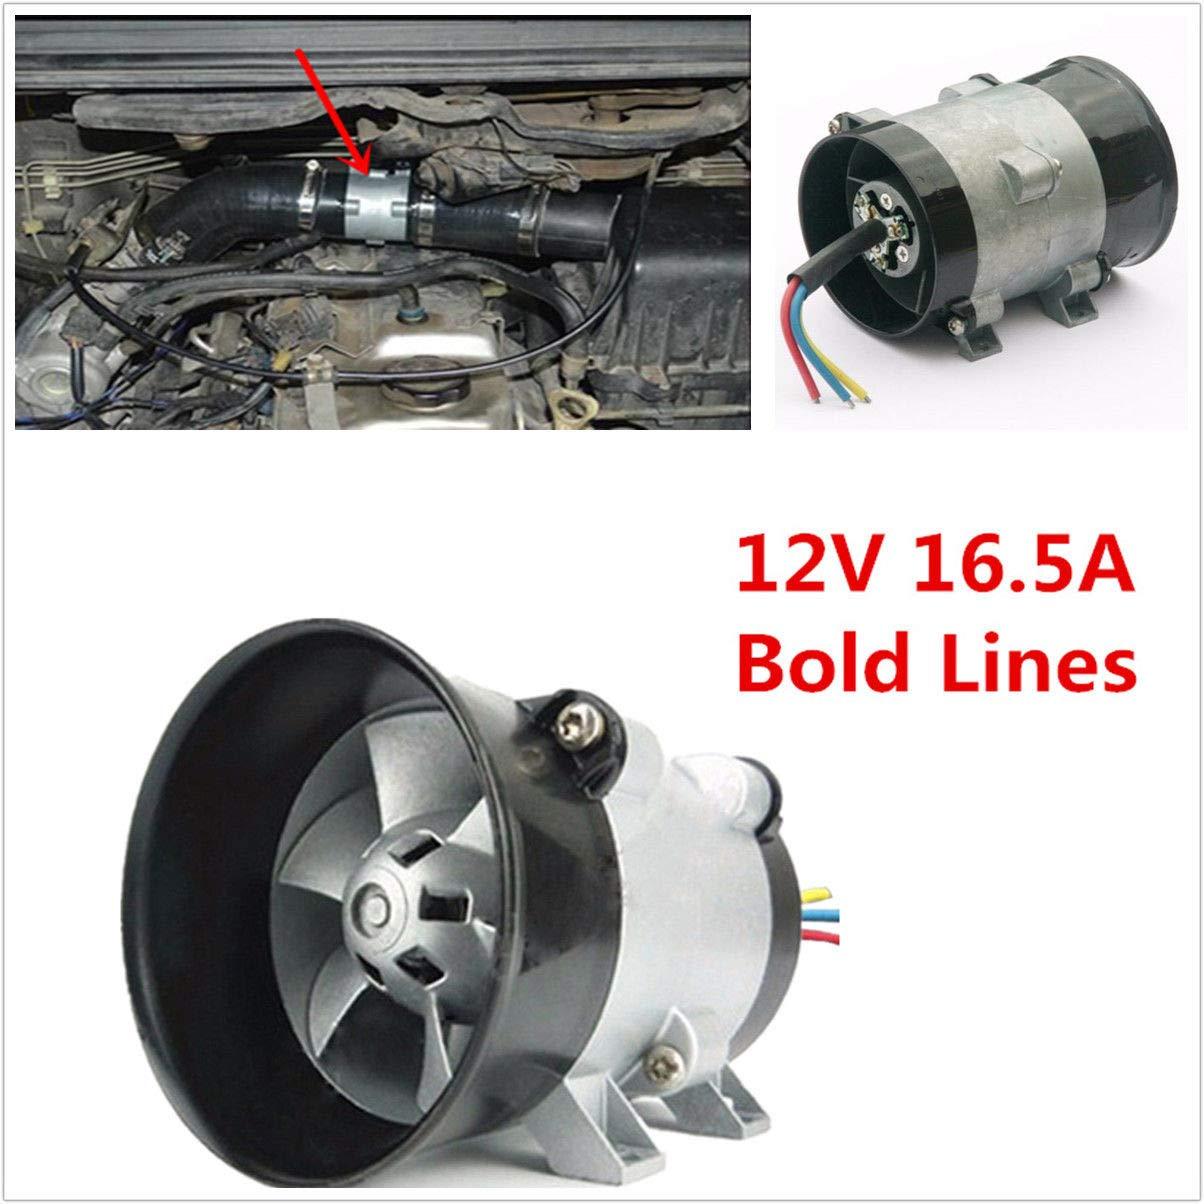 Universale auto elettrico turbina Turbo charger tan Boost aspirazione aria ventilatore 12 V 16.5 a BEEAUTO